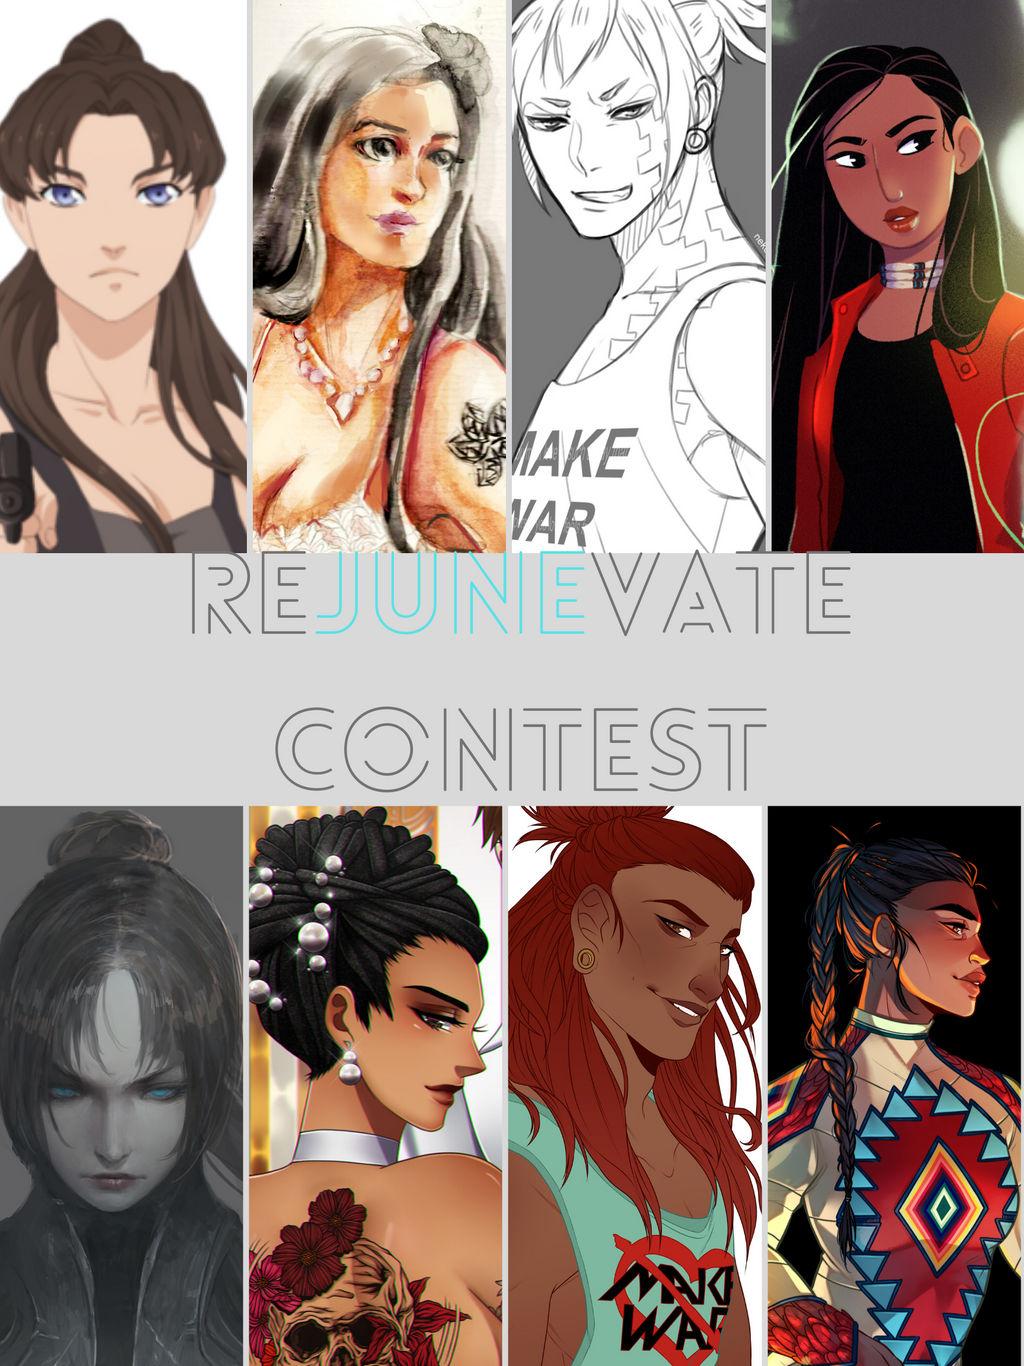 Rejunevate Contest [CLOSED]